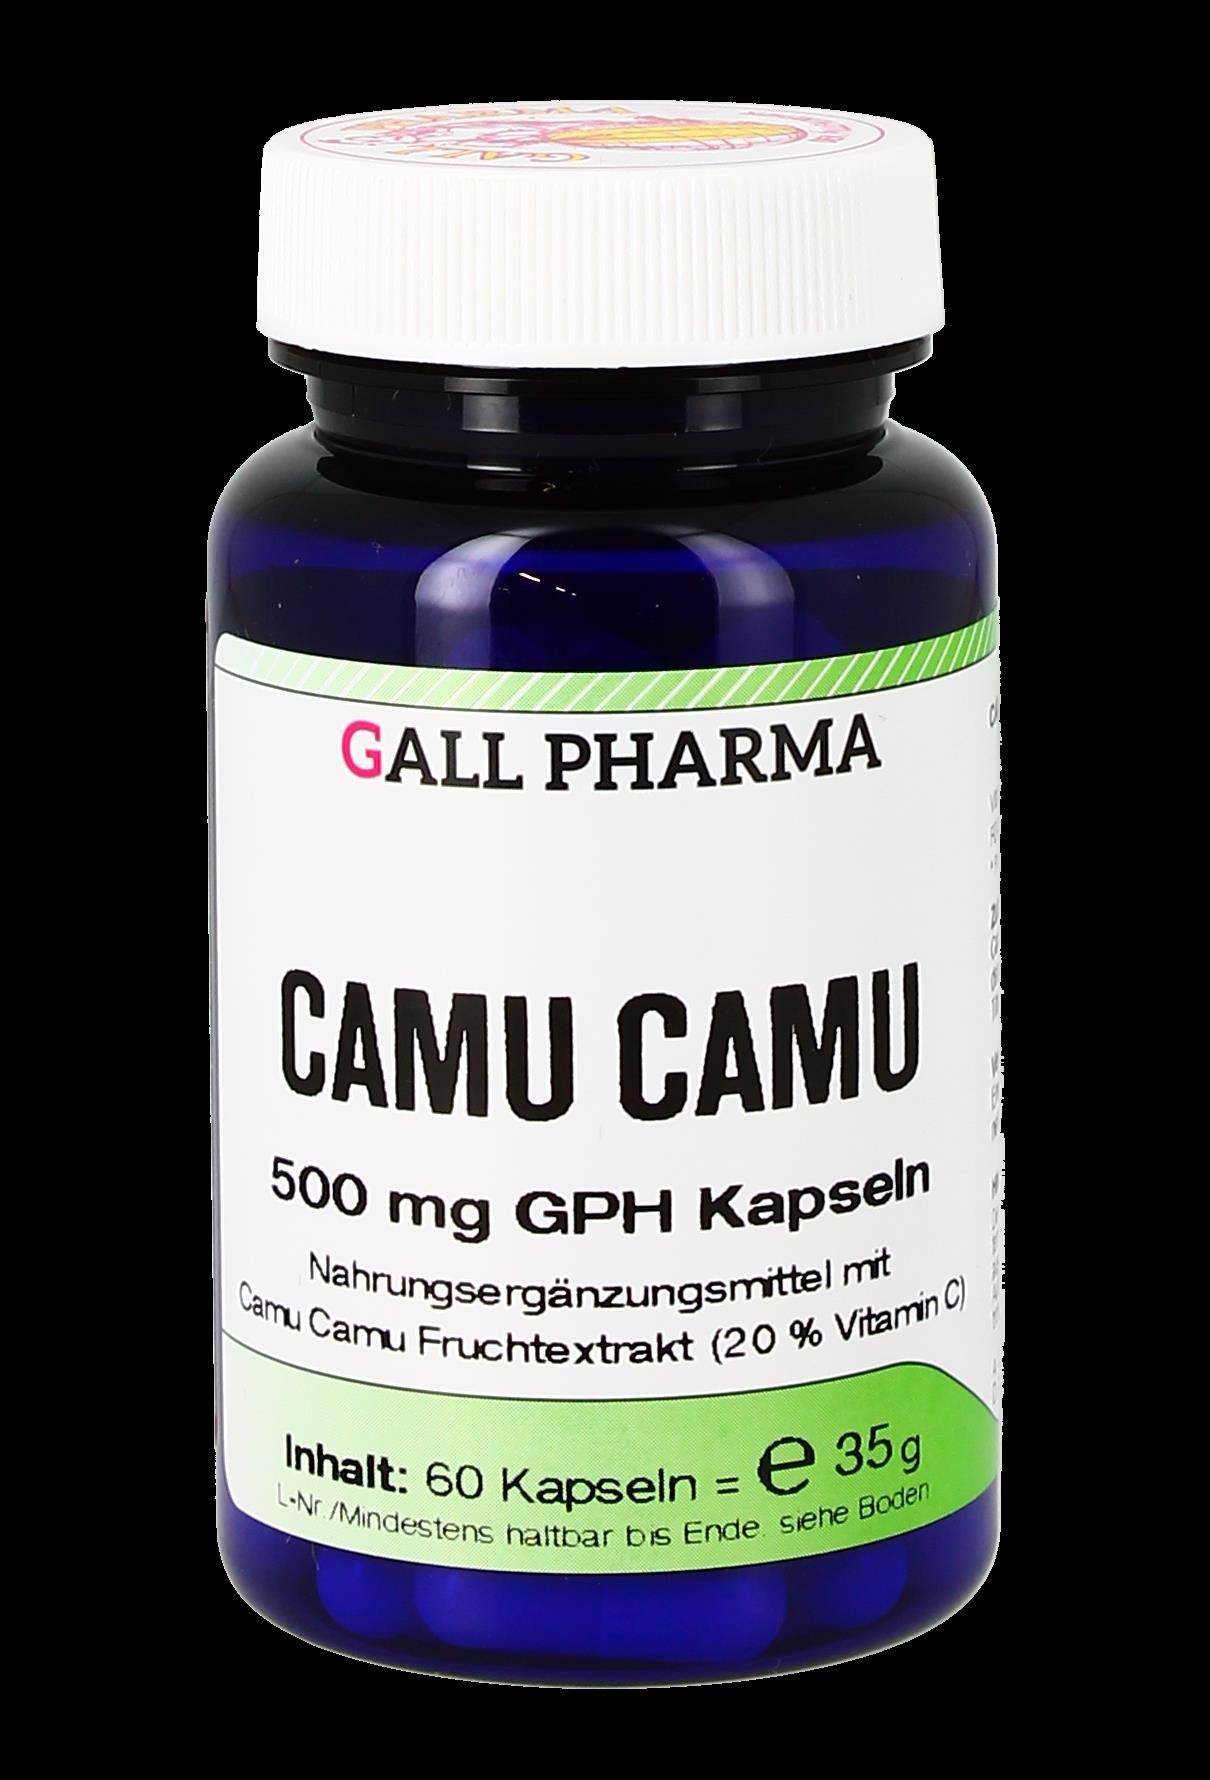 Camu Camu 500 mg GPH Kapseln